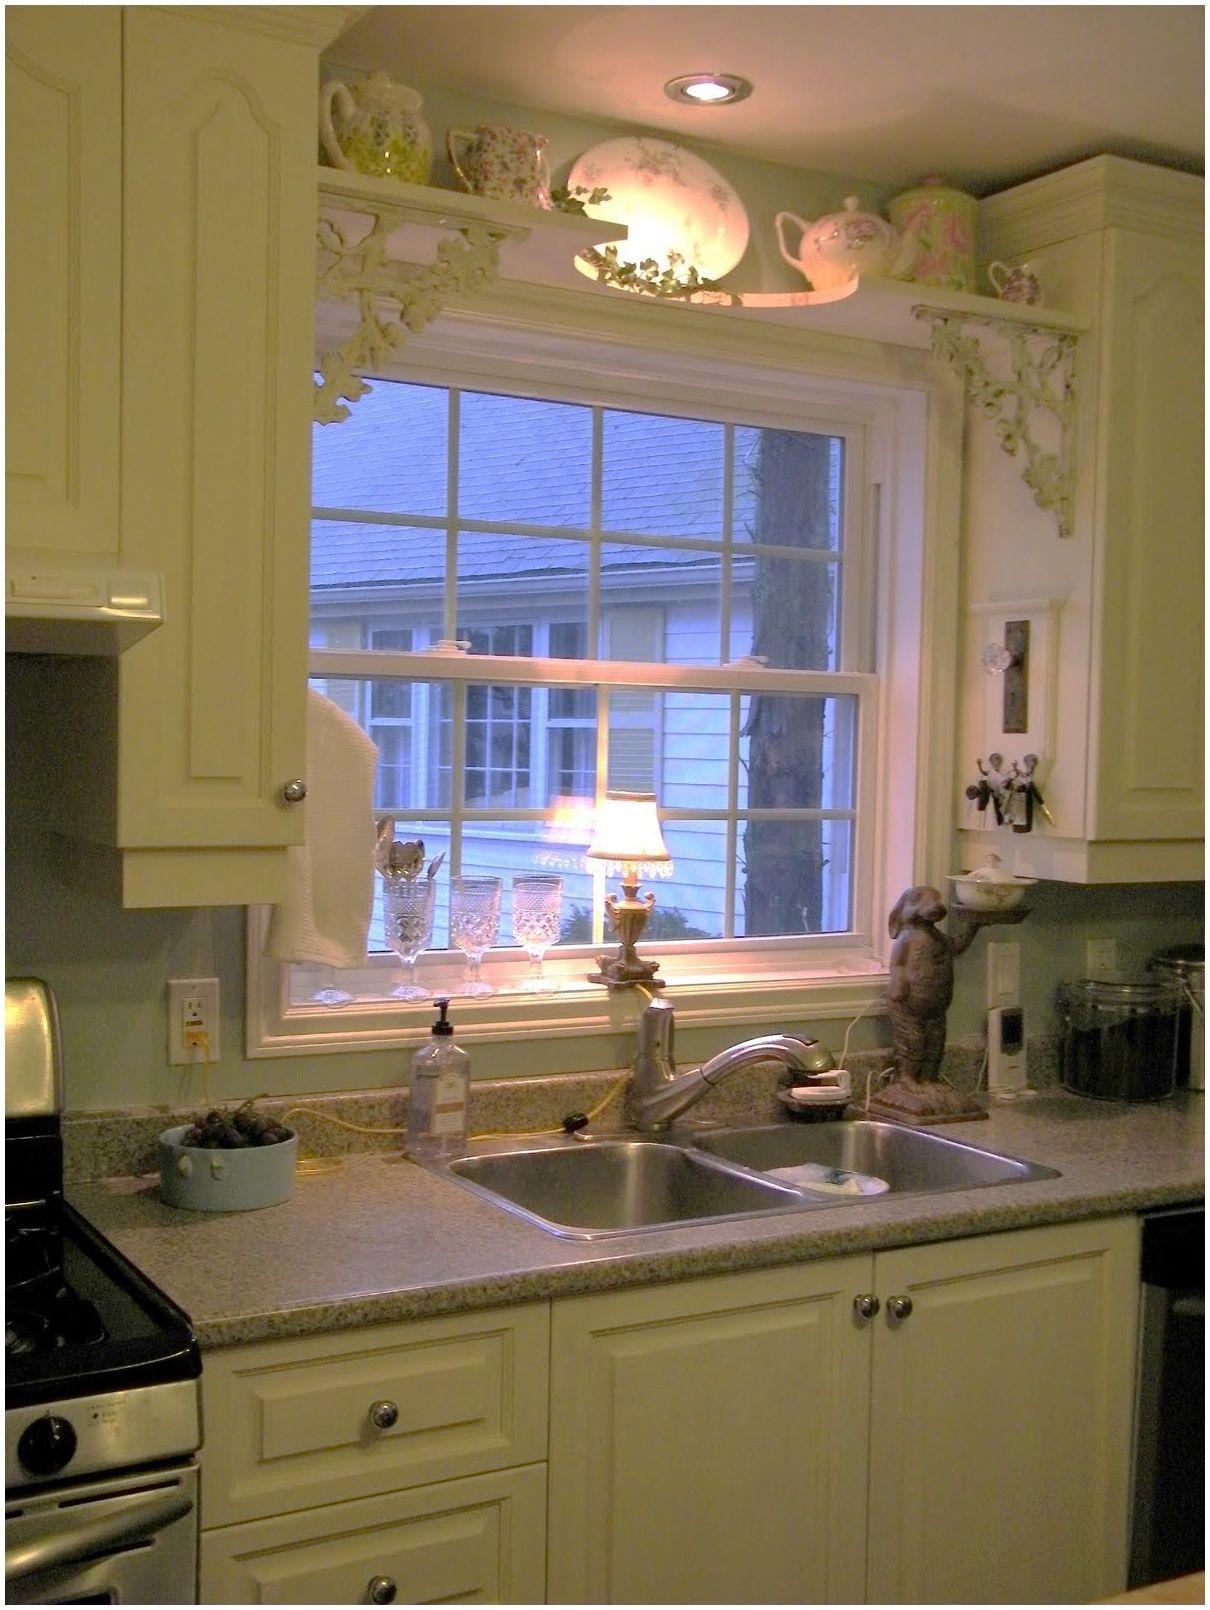 Kitchen sink shelf over window with antique brackets